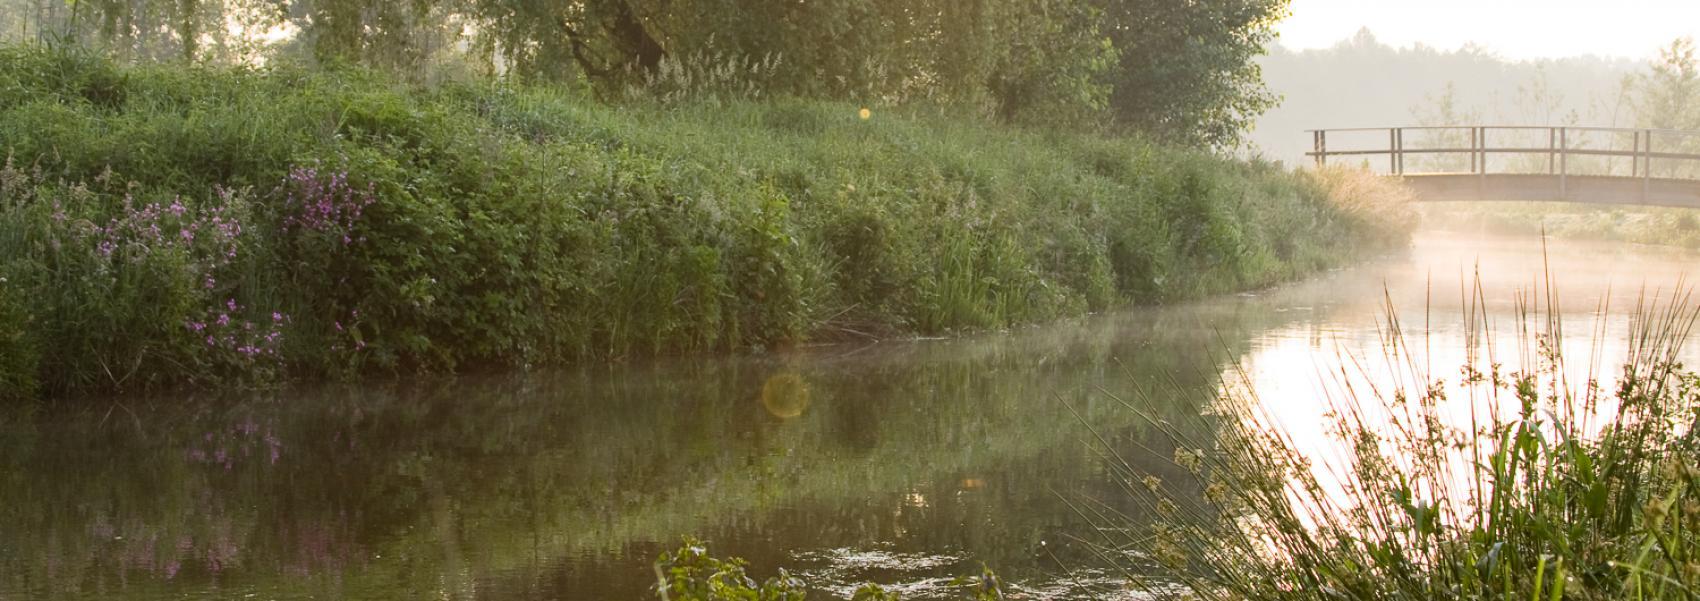 zicht op de waterkant met brugje over het water